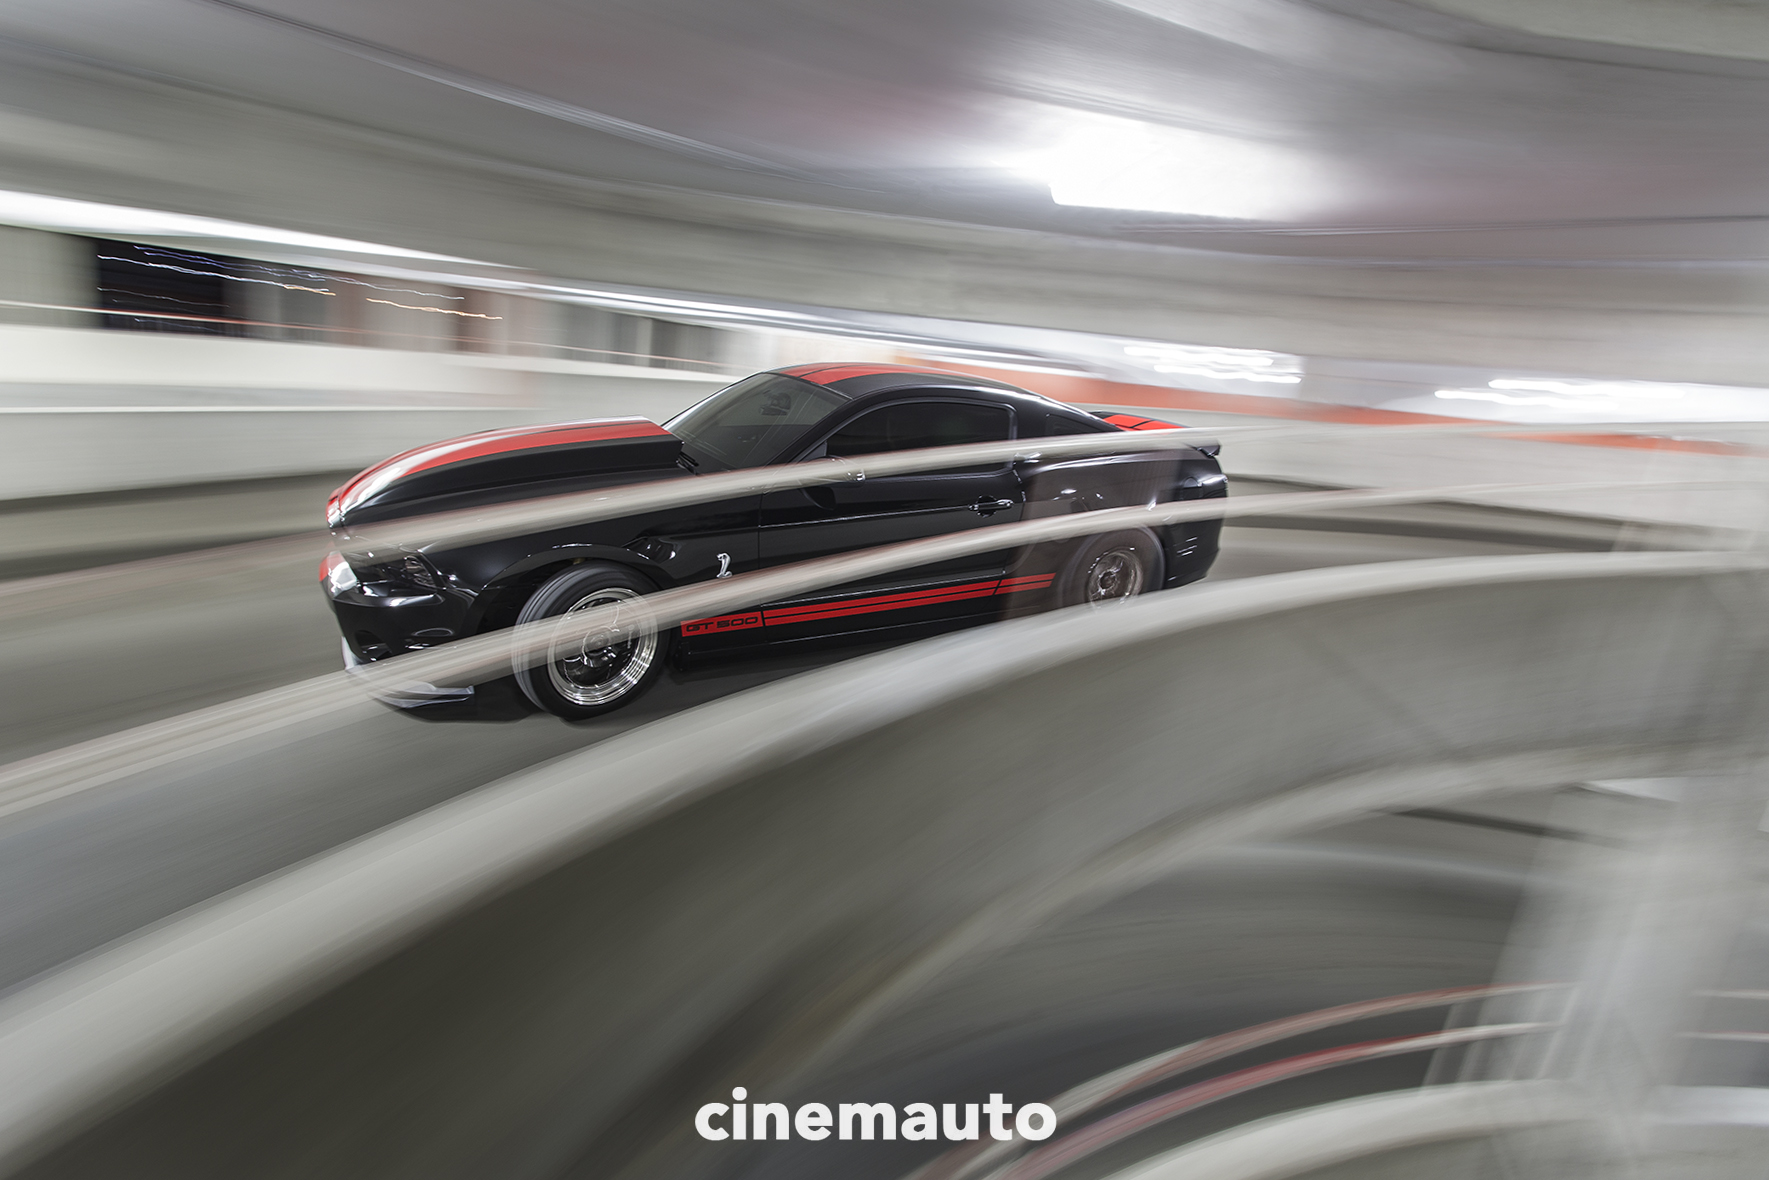 cinemauto-wichita-automotive-photography-cj-x.jpg